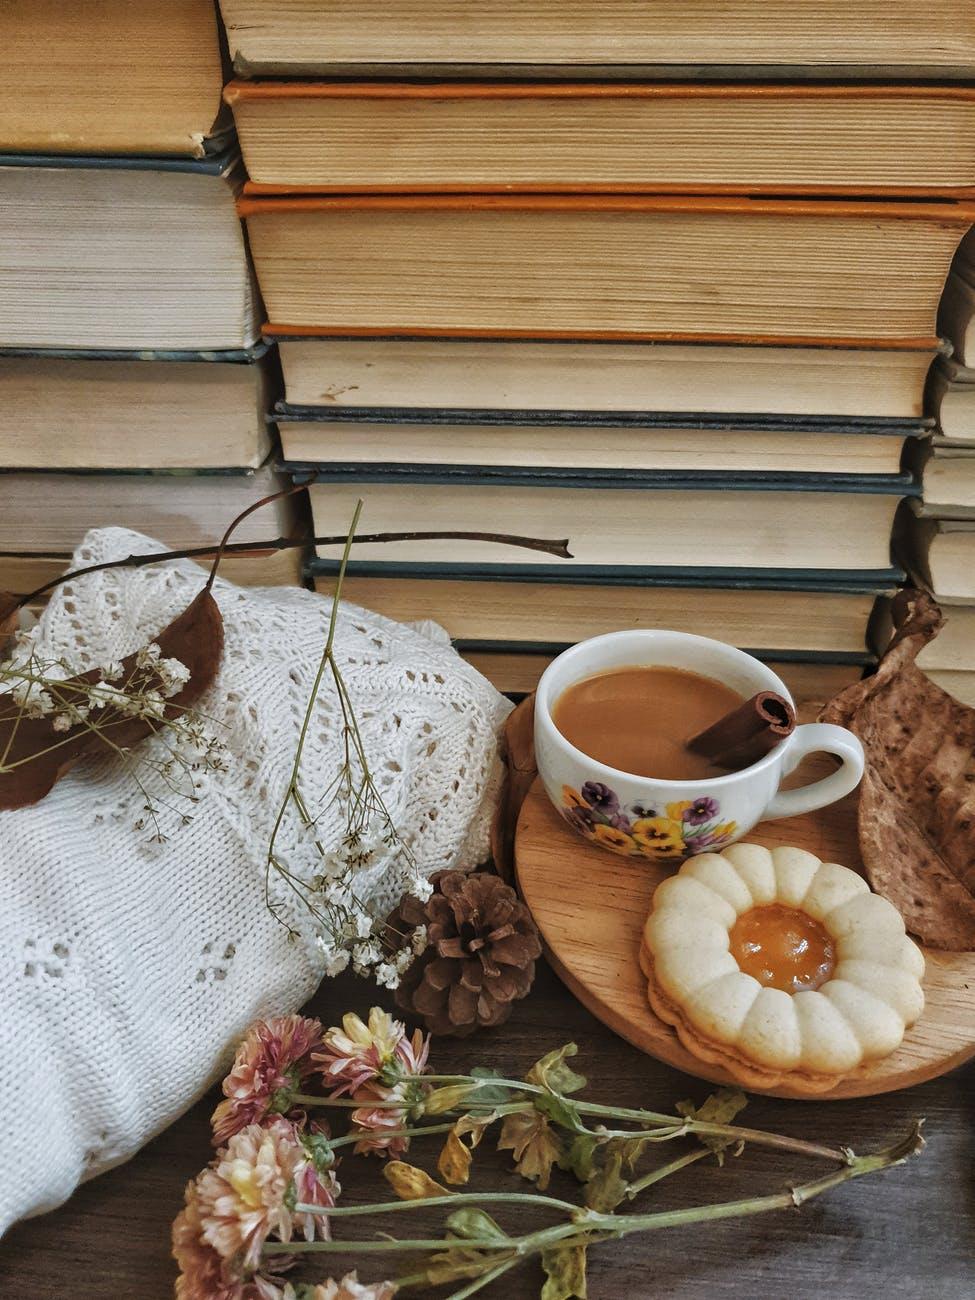 white ceramic mug on brown wooden tray